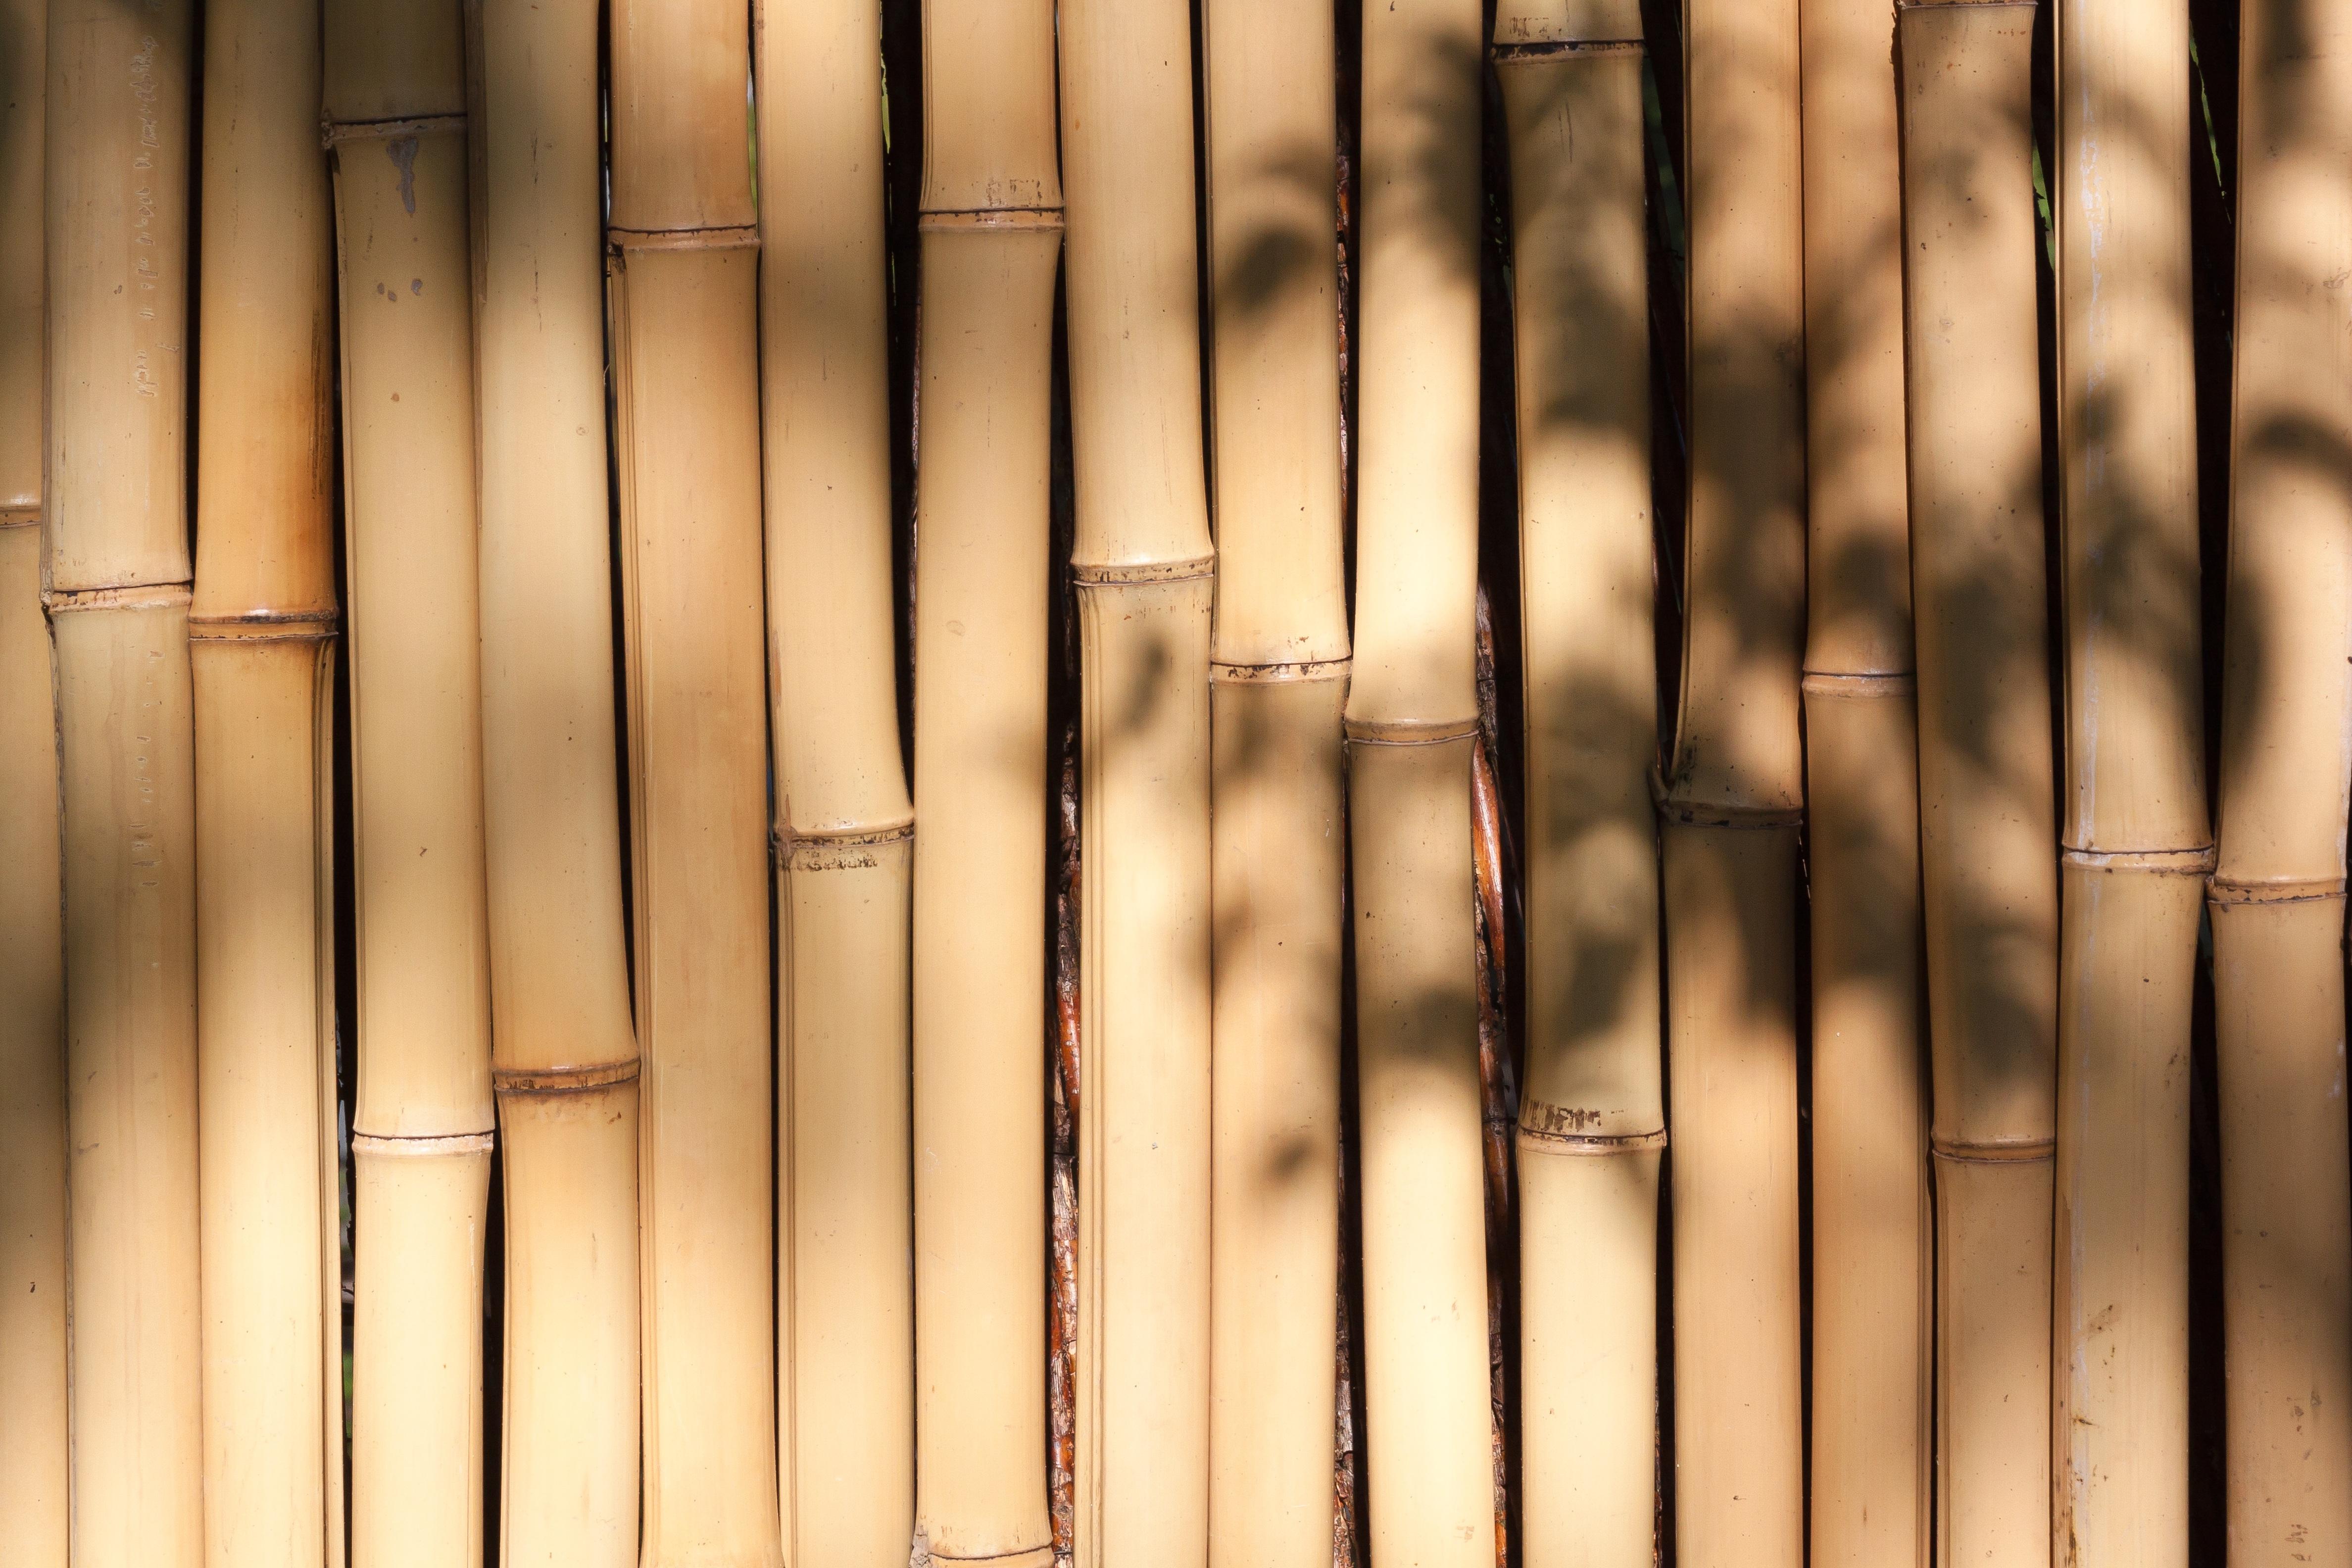 ligero planta madera luz de sol lnea iluminacin flora diseo de interiores fondo diseo simetra bamb